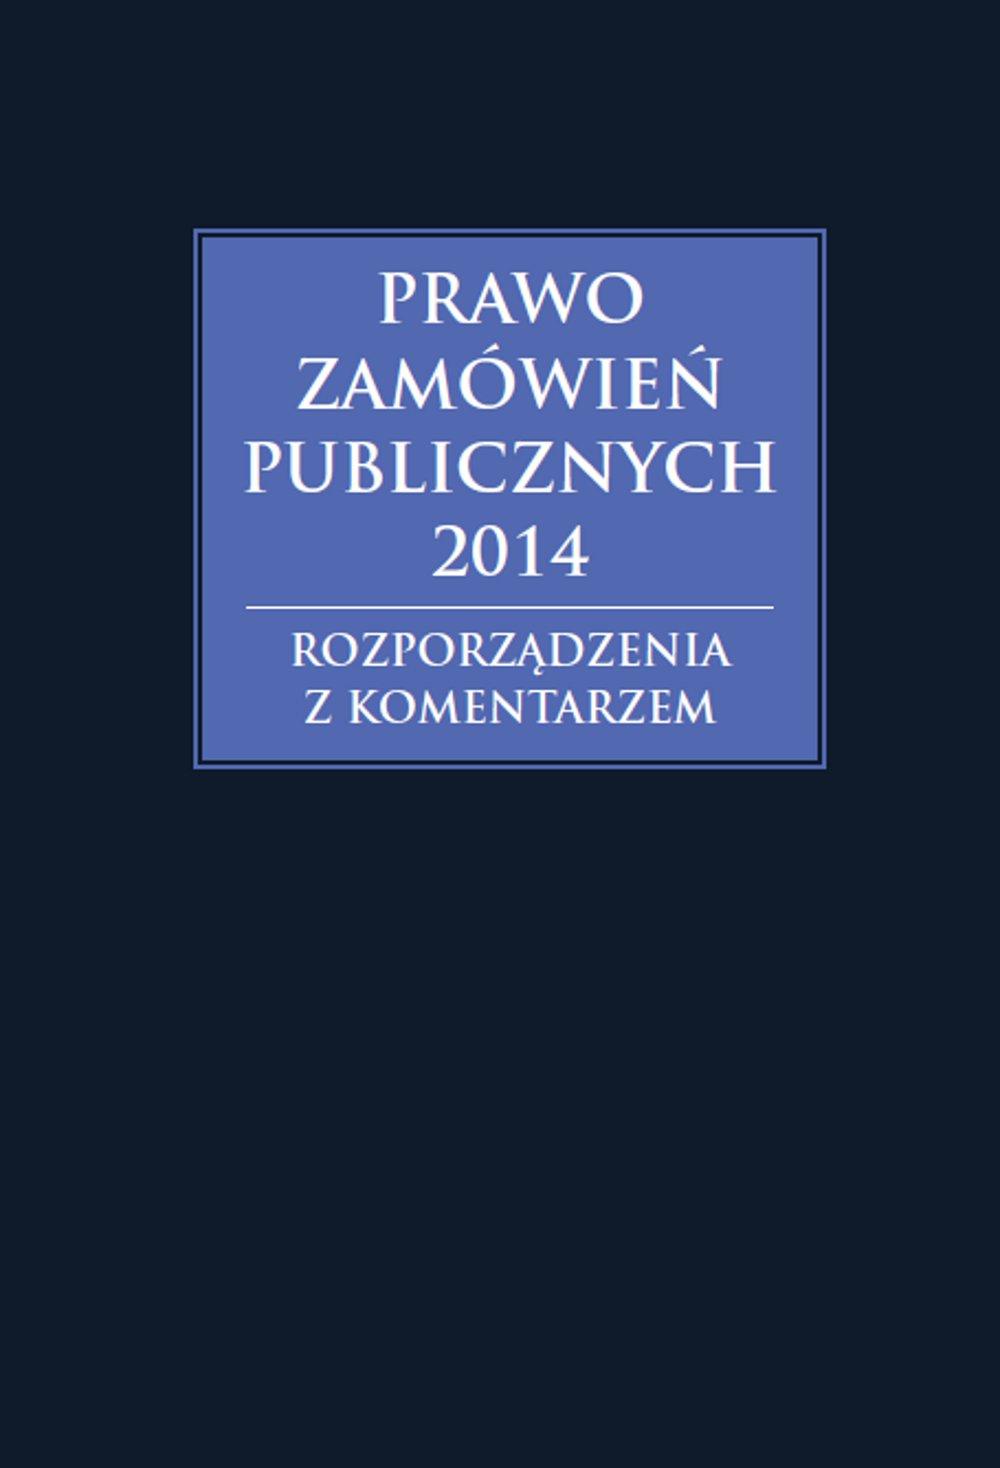 Prawo zamówień publicznych 2014. Rozporządzenia z komentarzem - Ebook (Książka EPUB) do pobrania w formacie EPUB